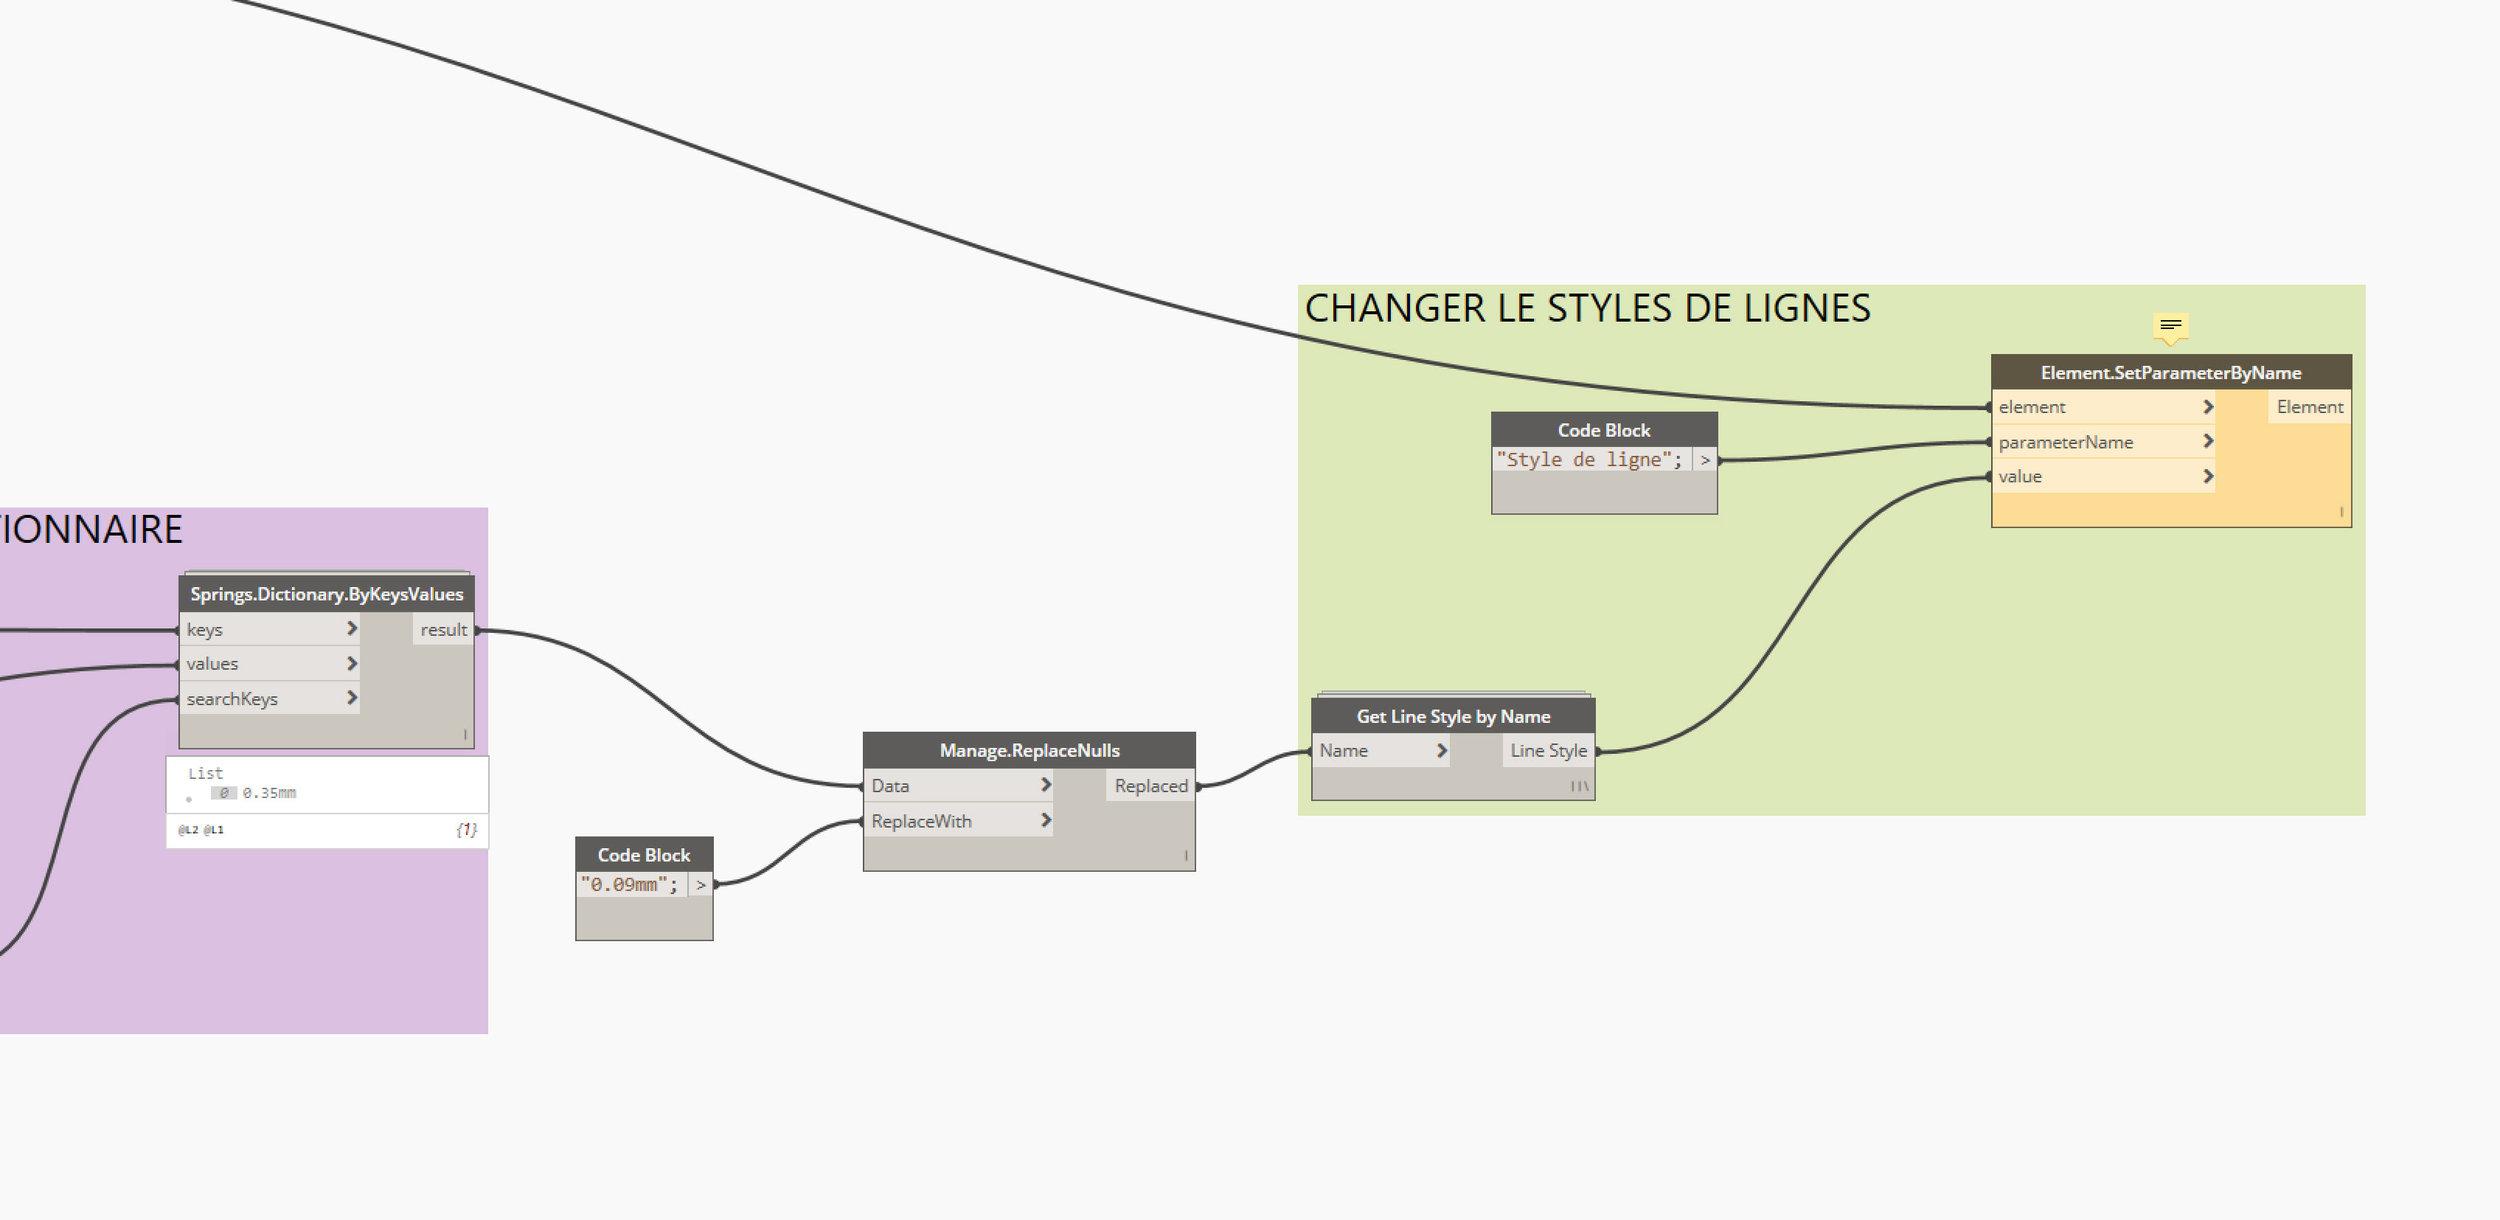 4. Puis nous changeons le style de ligne.